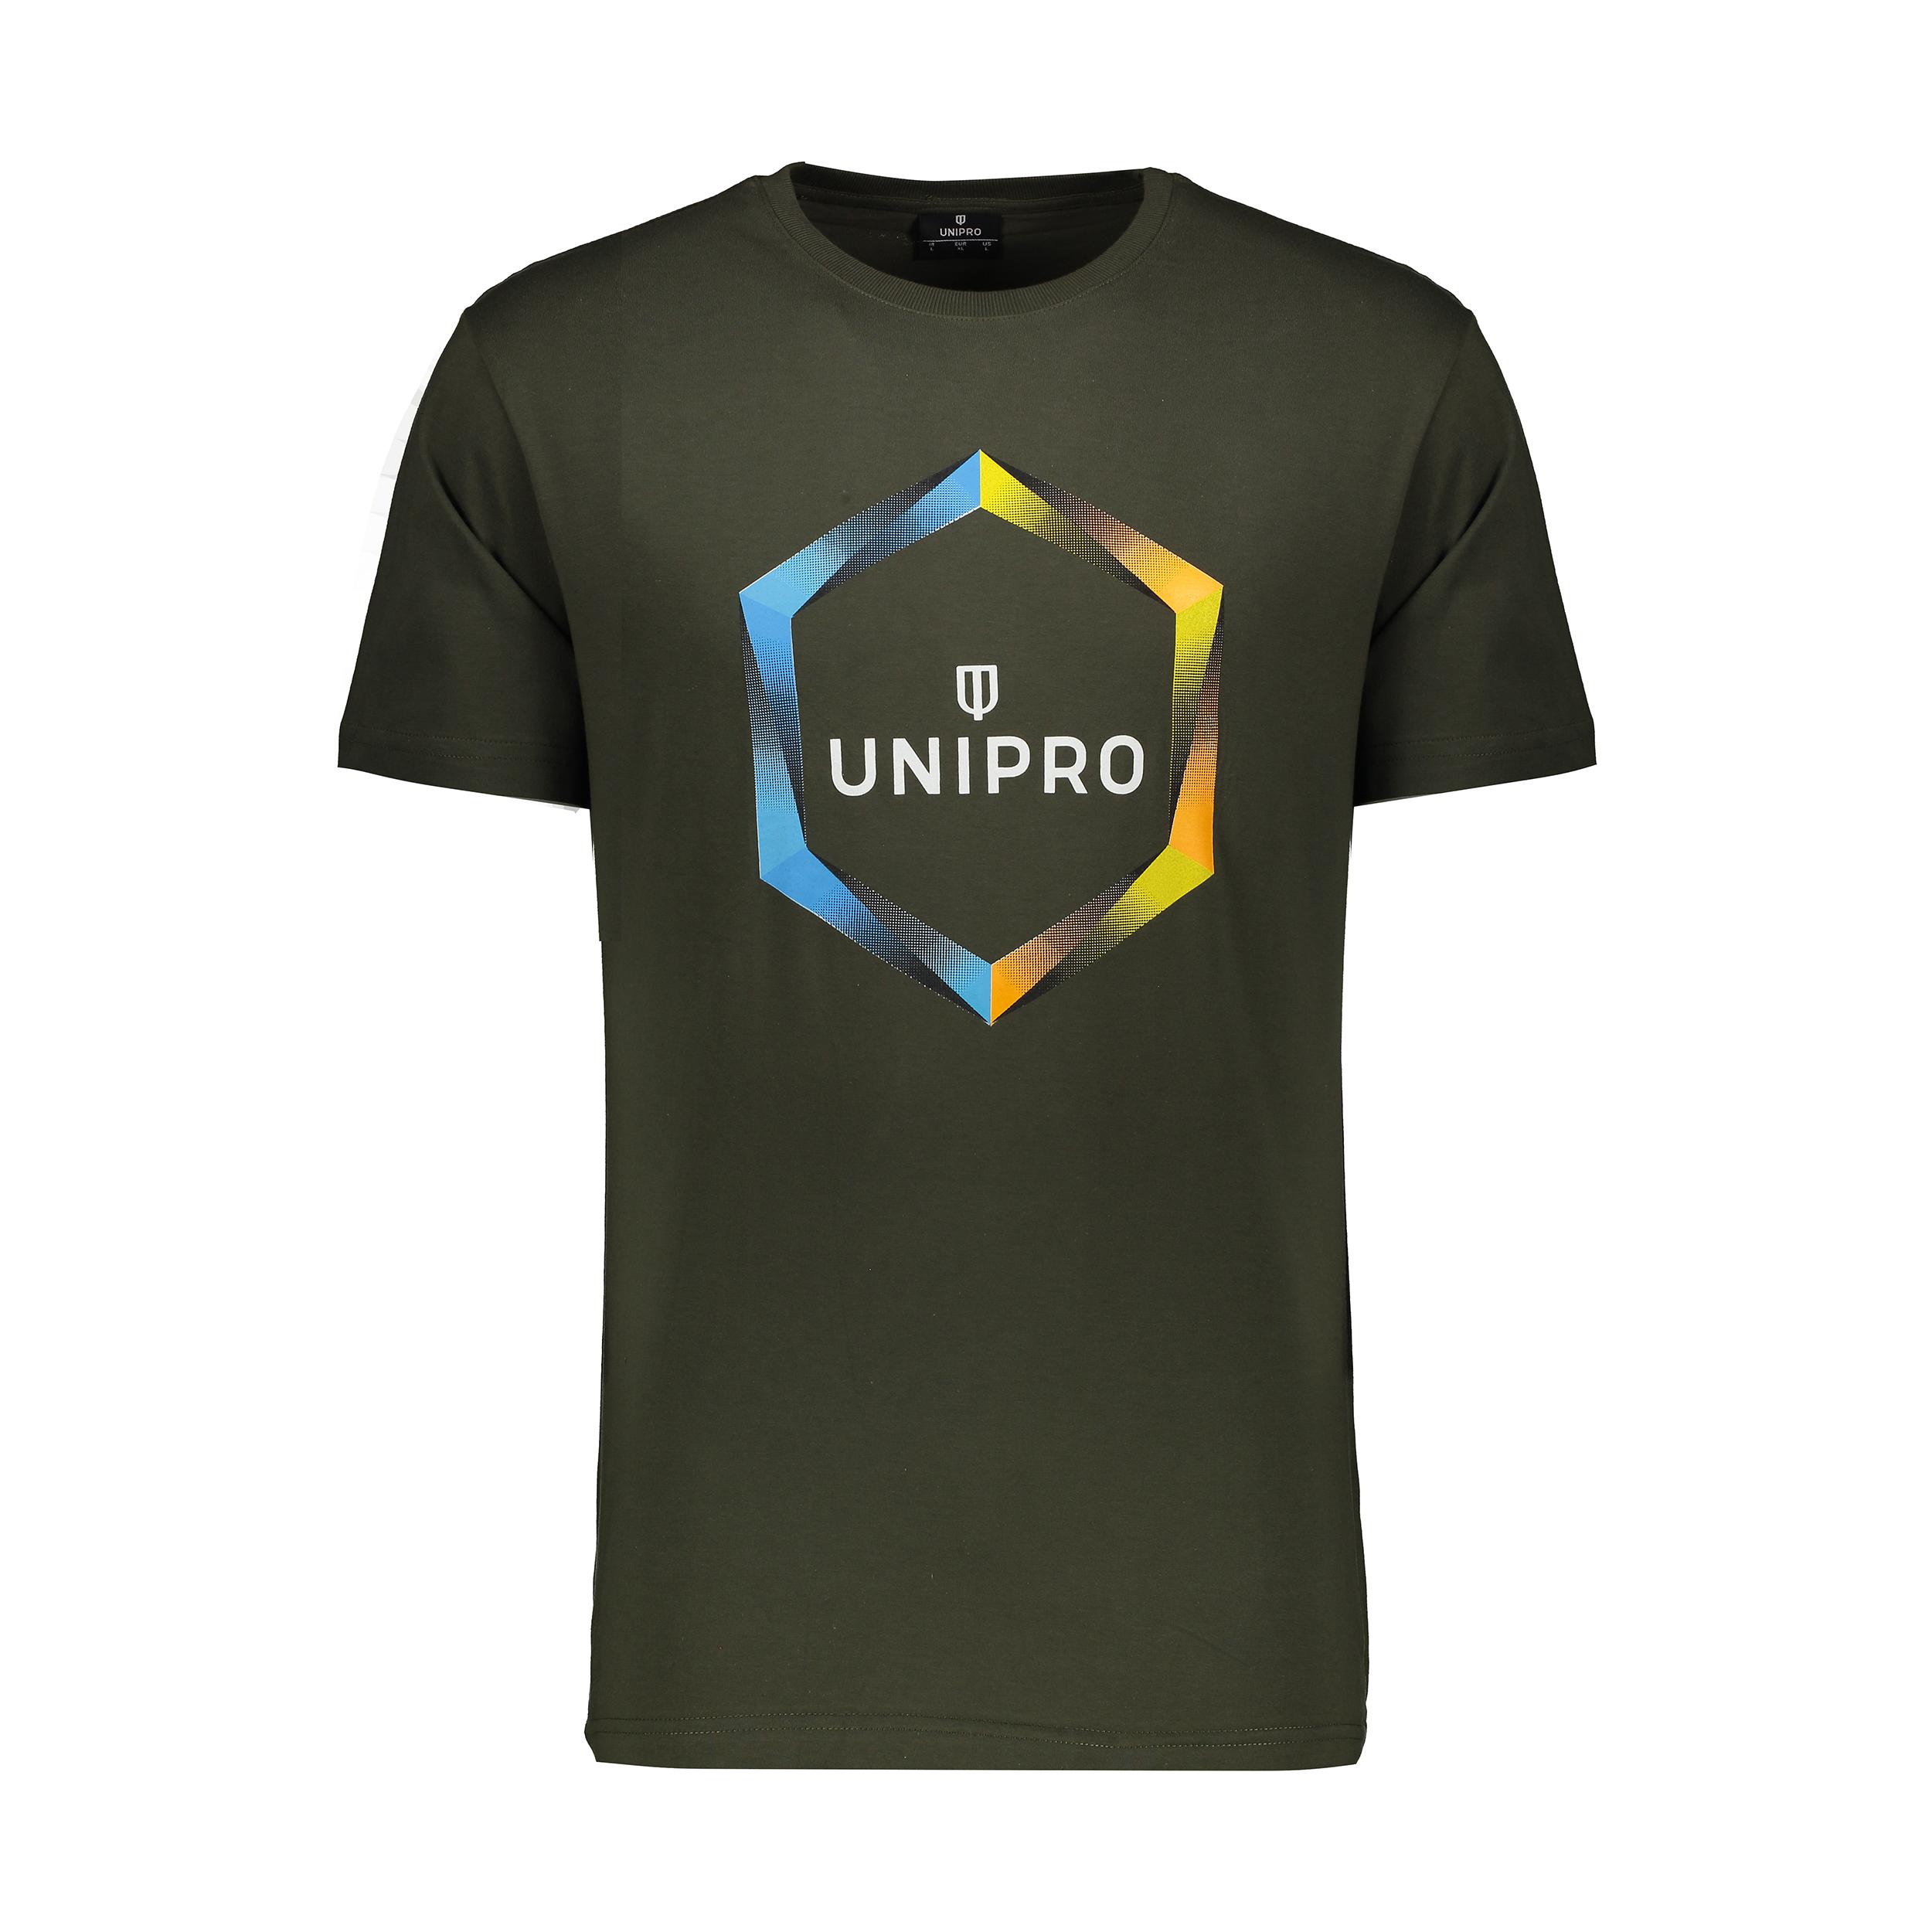 تی شرت ورزشی مردانه یونی پرو مدل 914119305-60